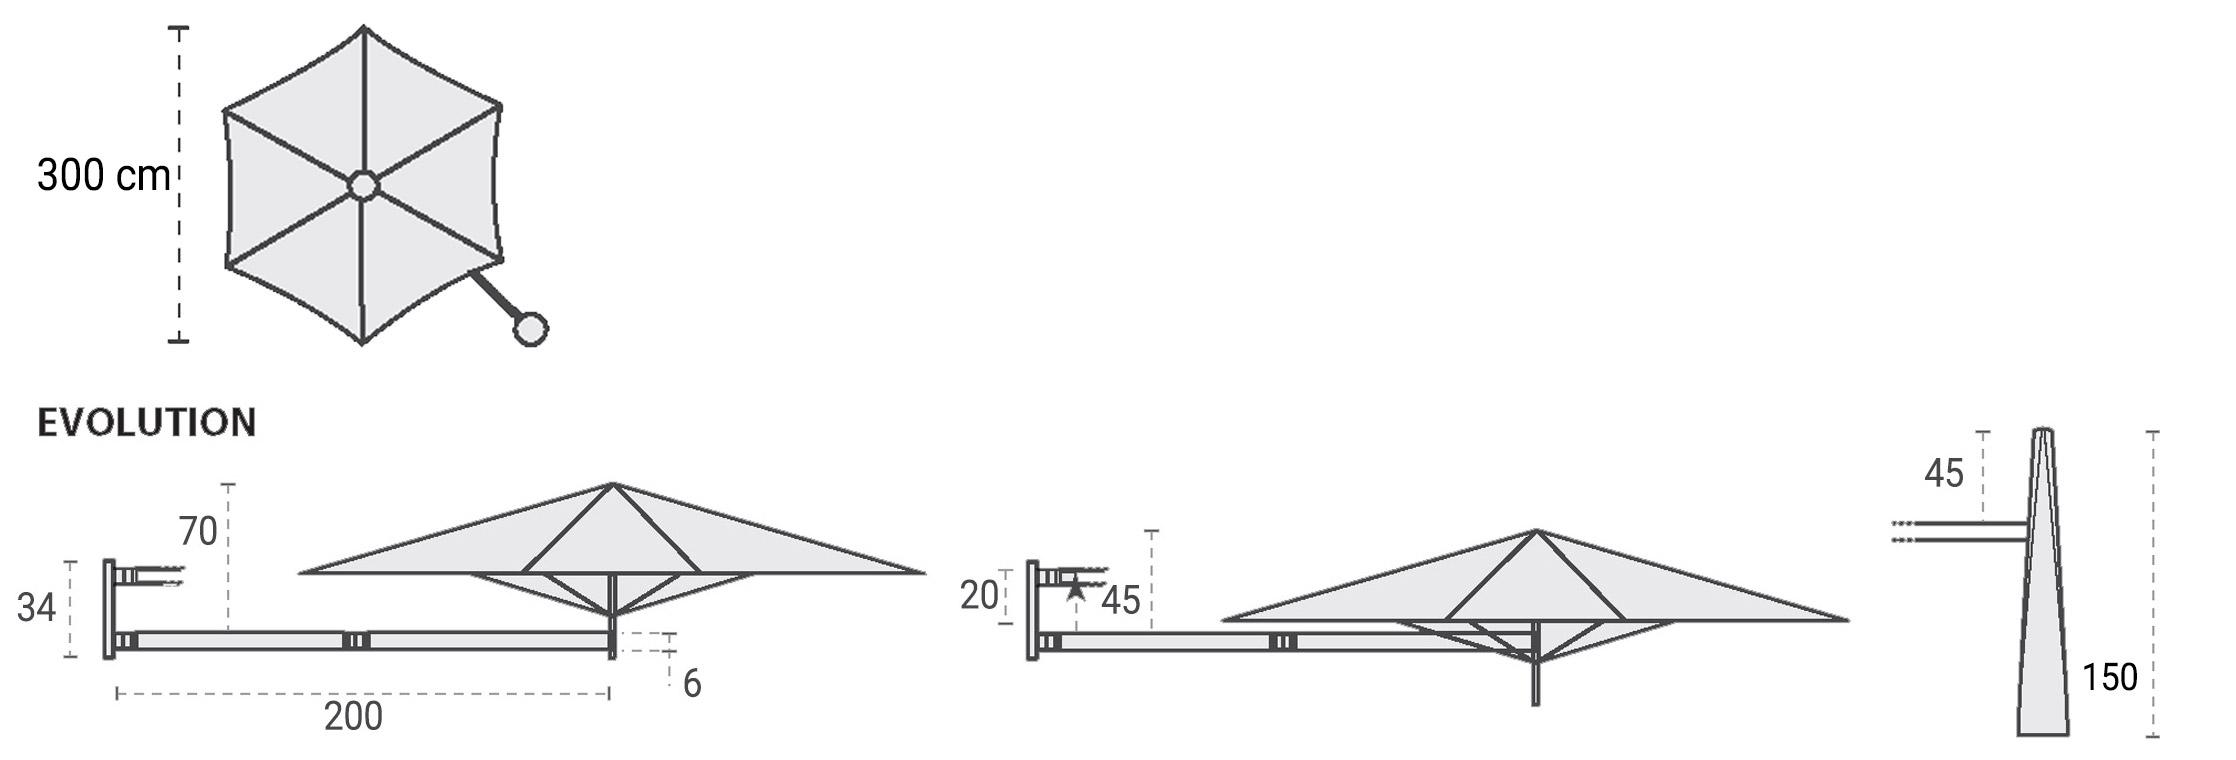 Dimensioni ombrellone da giardino PARAFLEX